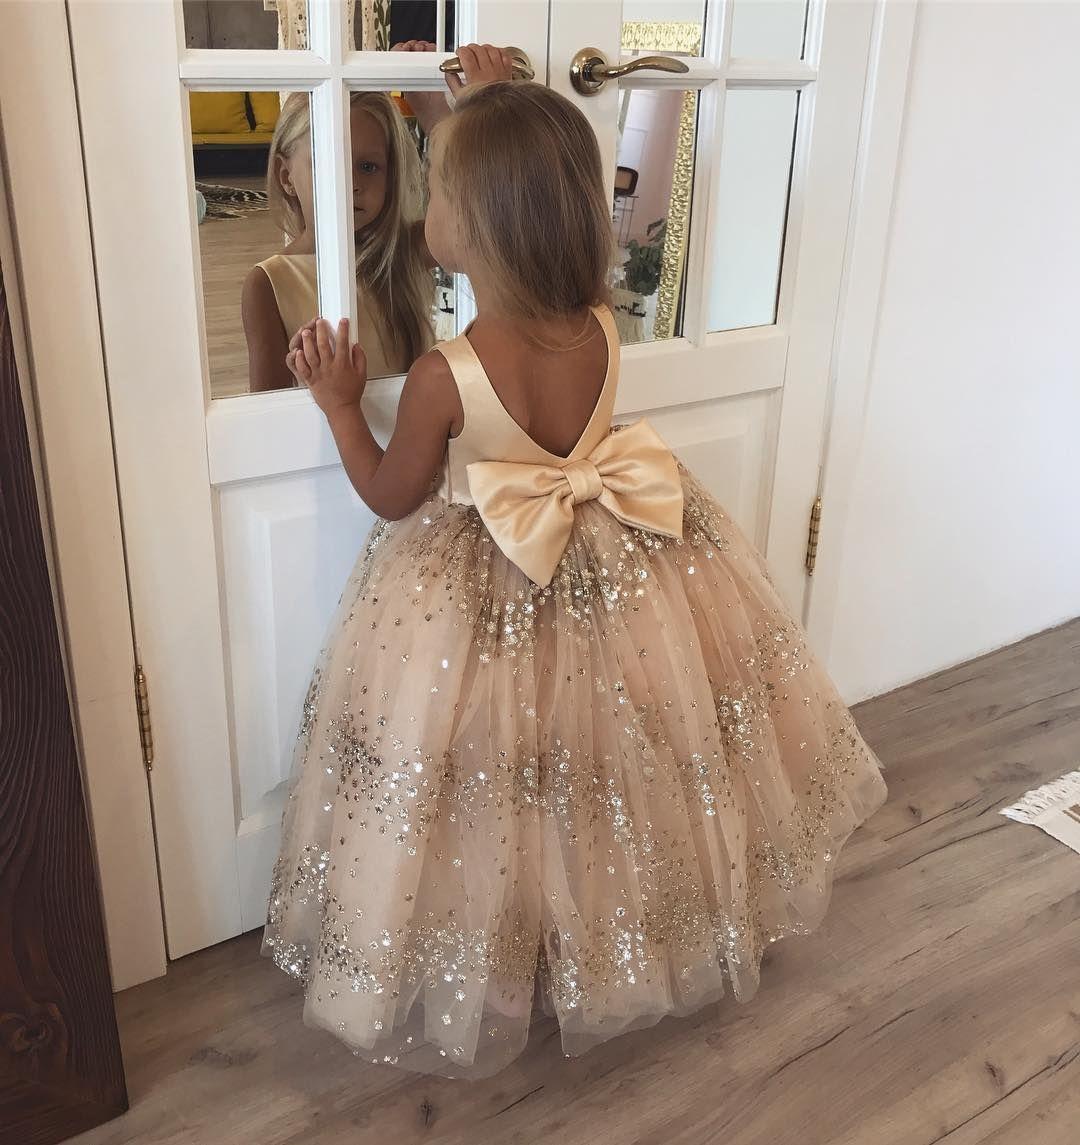 Платье для девочки, артикул: К 5528/1, цвет: насыщенно-красный ... | 1145x1080